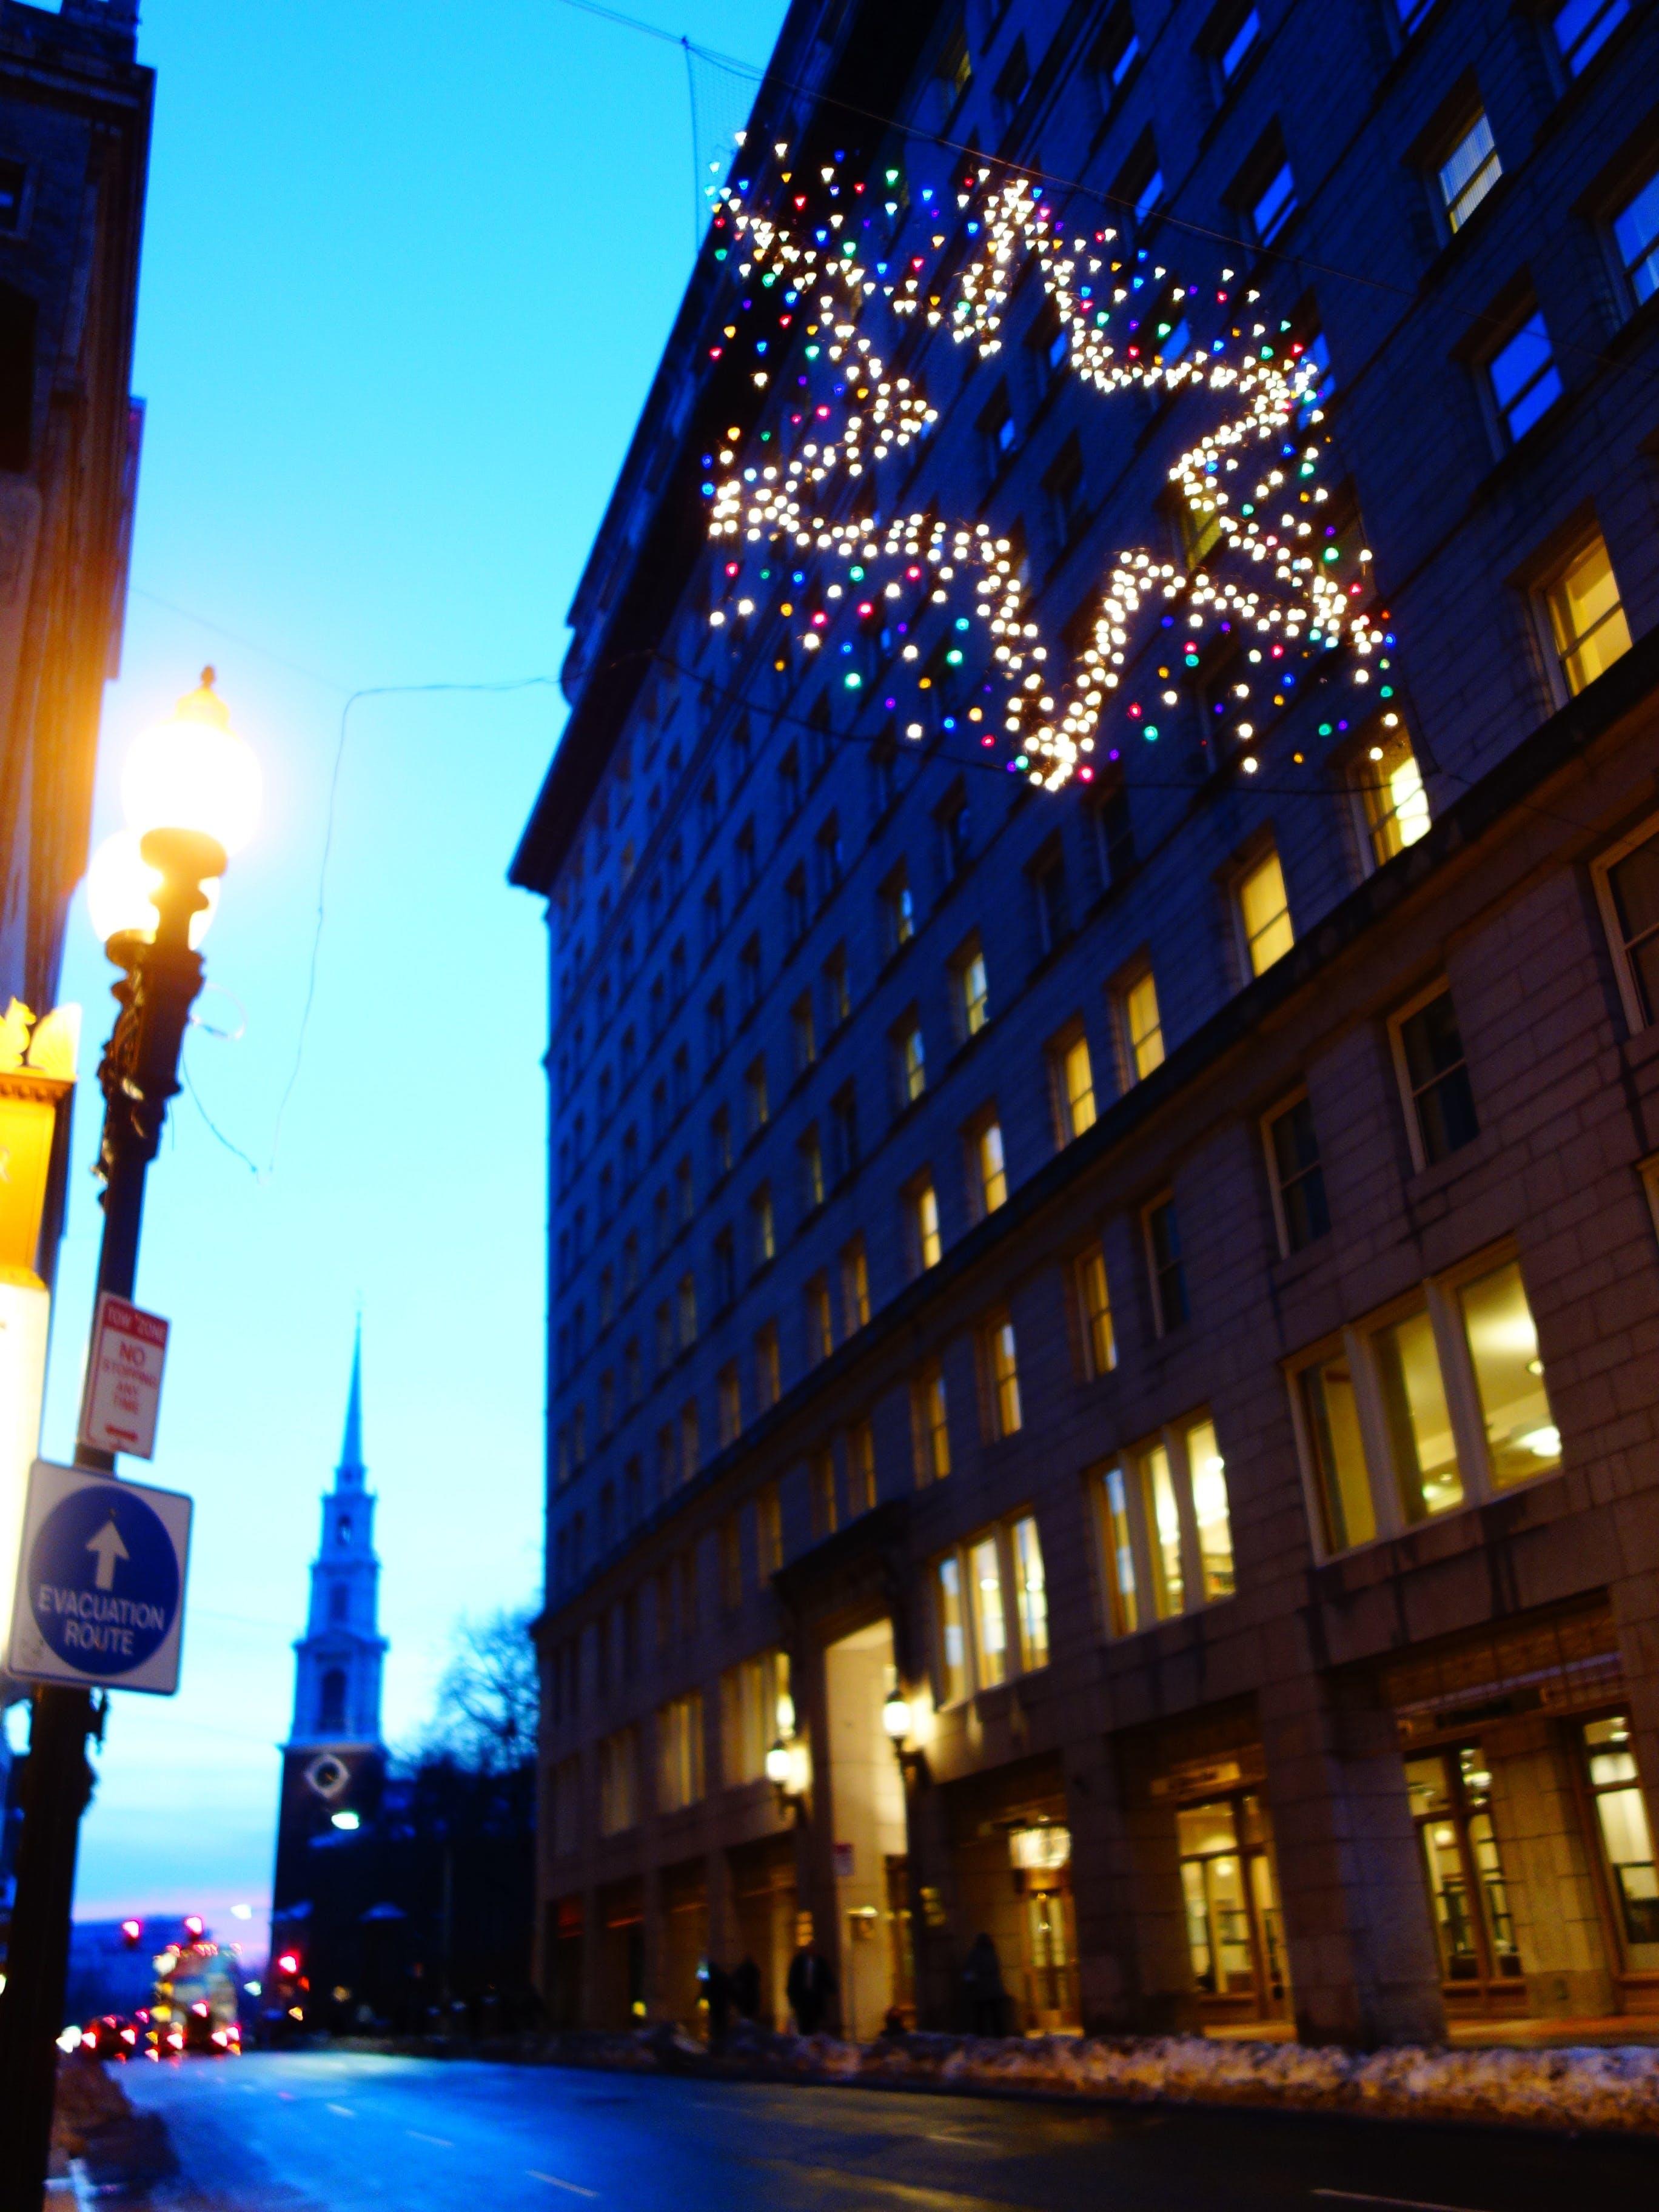 Free stock photo of boston, christmas, street